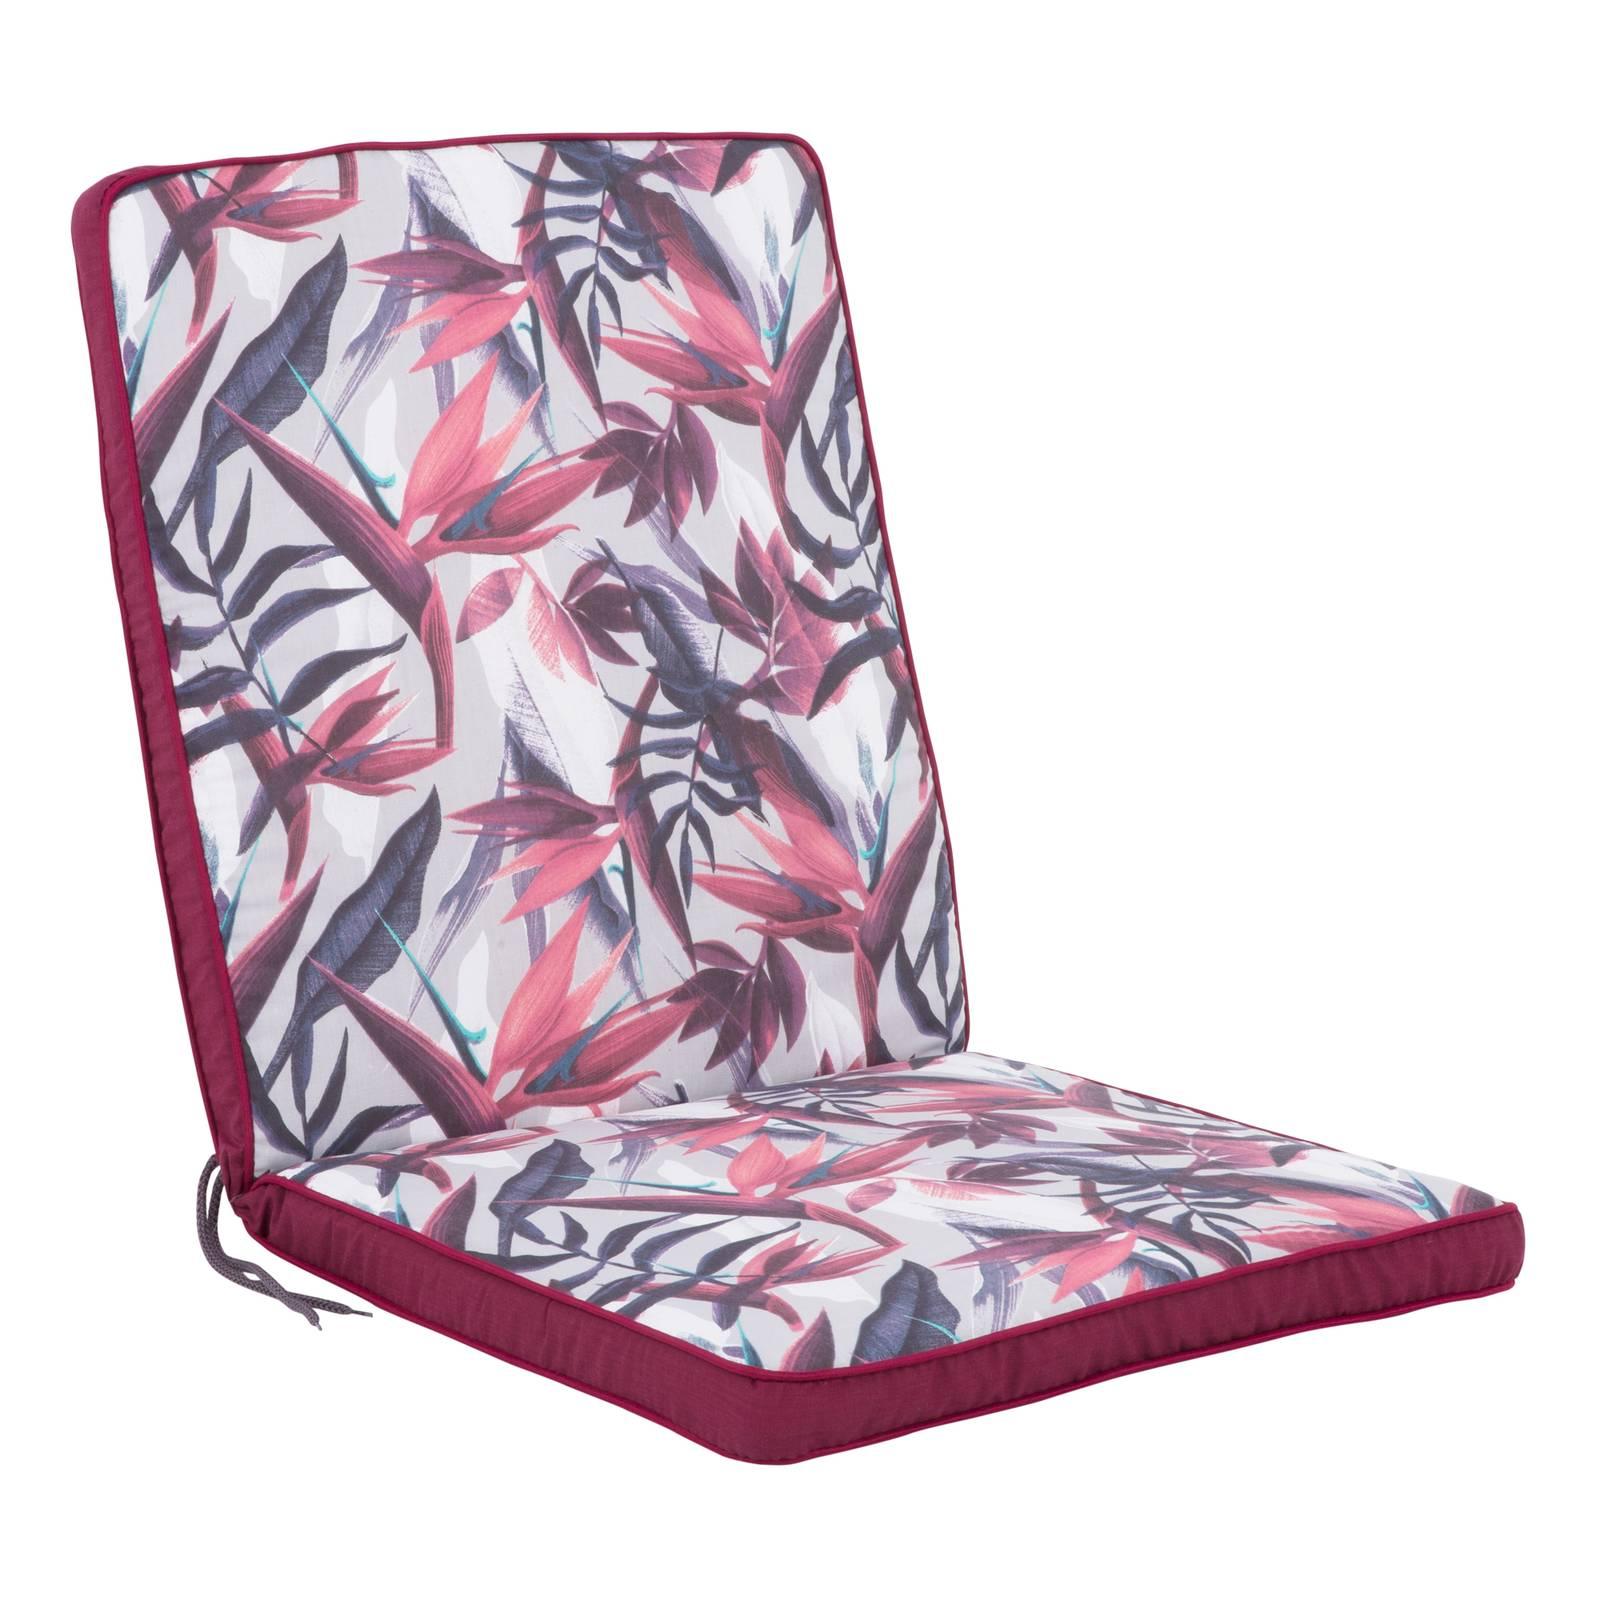 Poduszka na krzesło Salamanca Niedrig L138-03PB PATIO